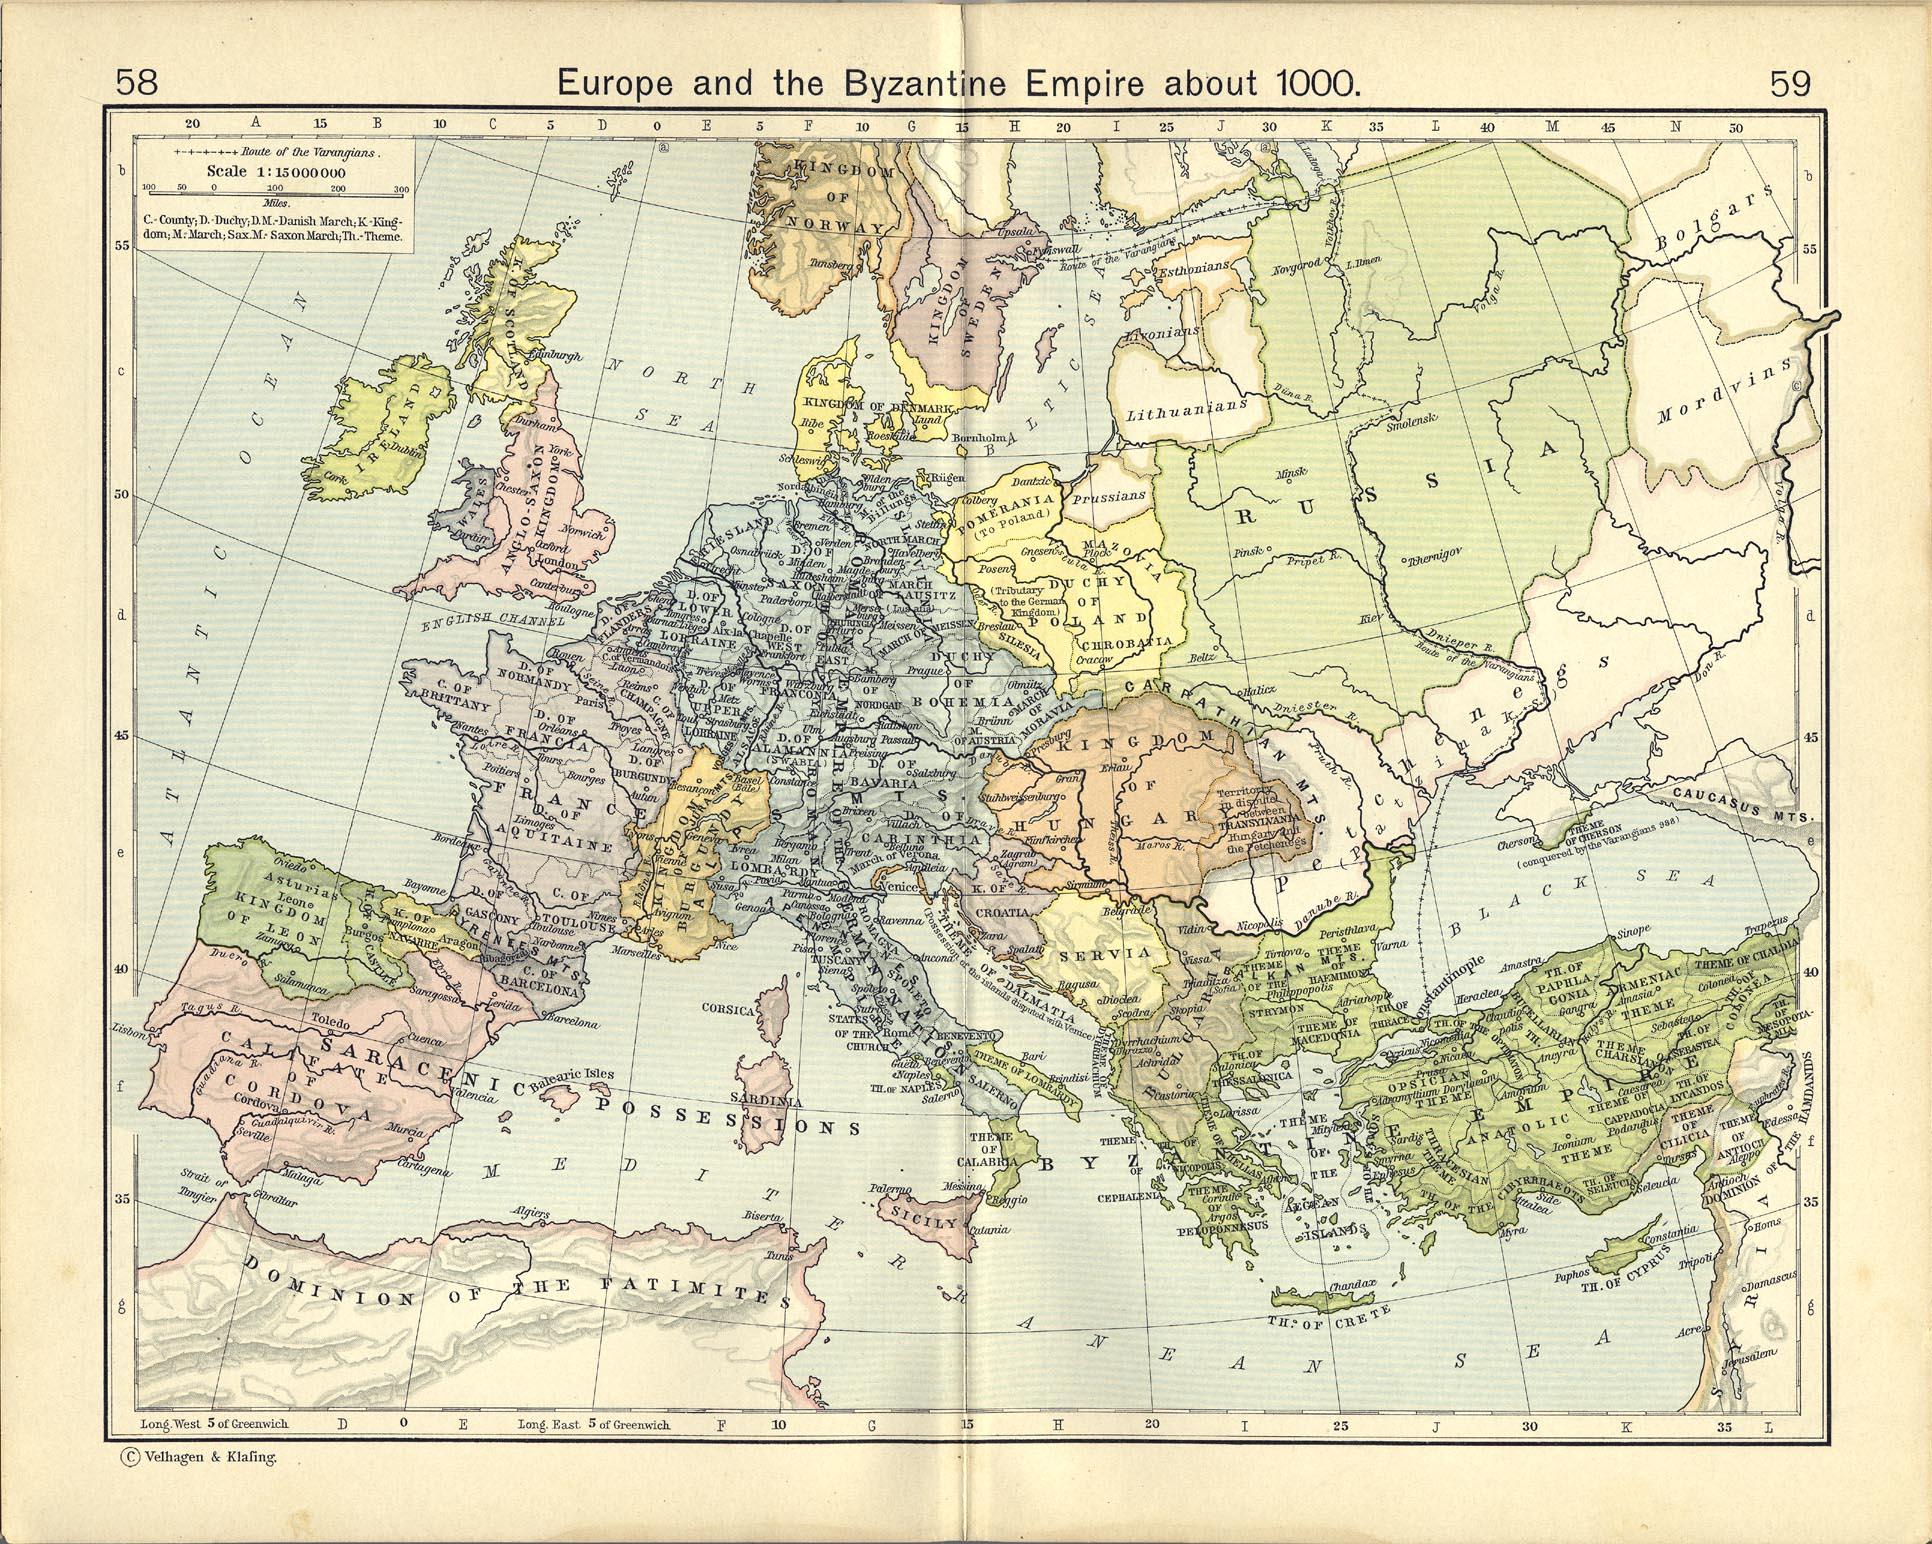 Europa y el Imperio Bizantino circa 1000